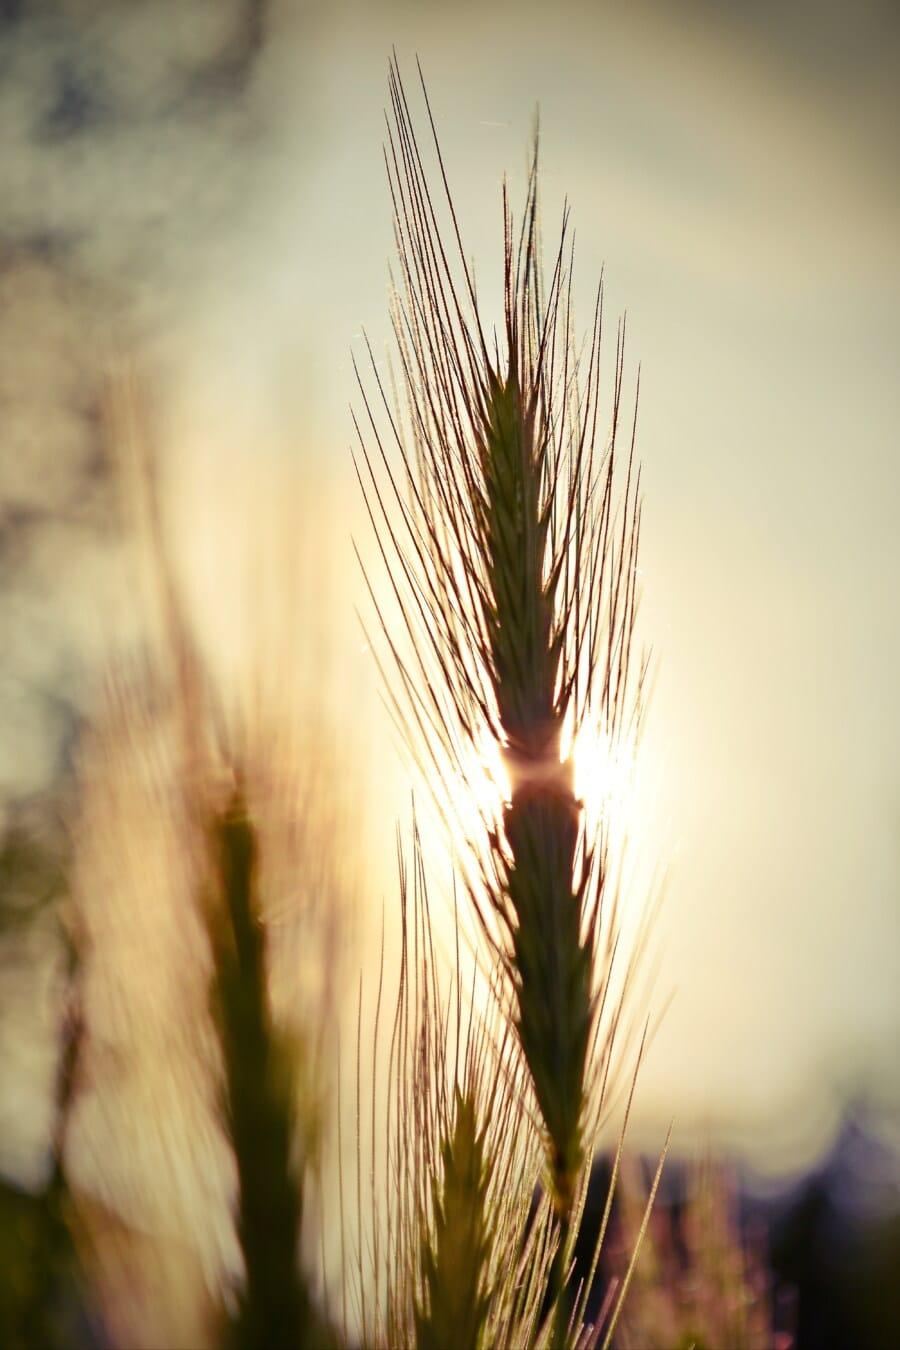 hinterleuchtet, Gras, Sonnenstrahlen, des ländlichen Raums, Korn, Stroh, Roggen, Landwirtschaft, Sonne, Feld